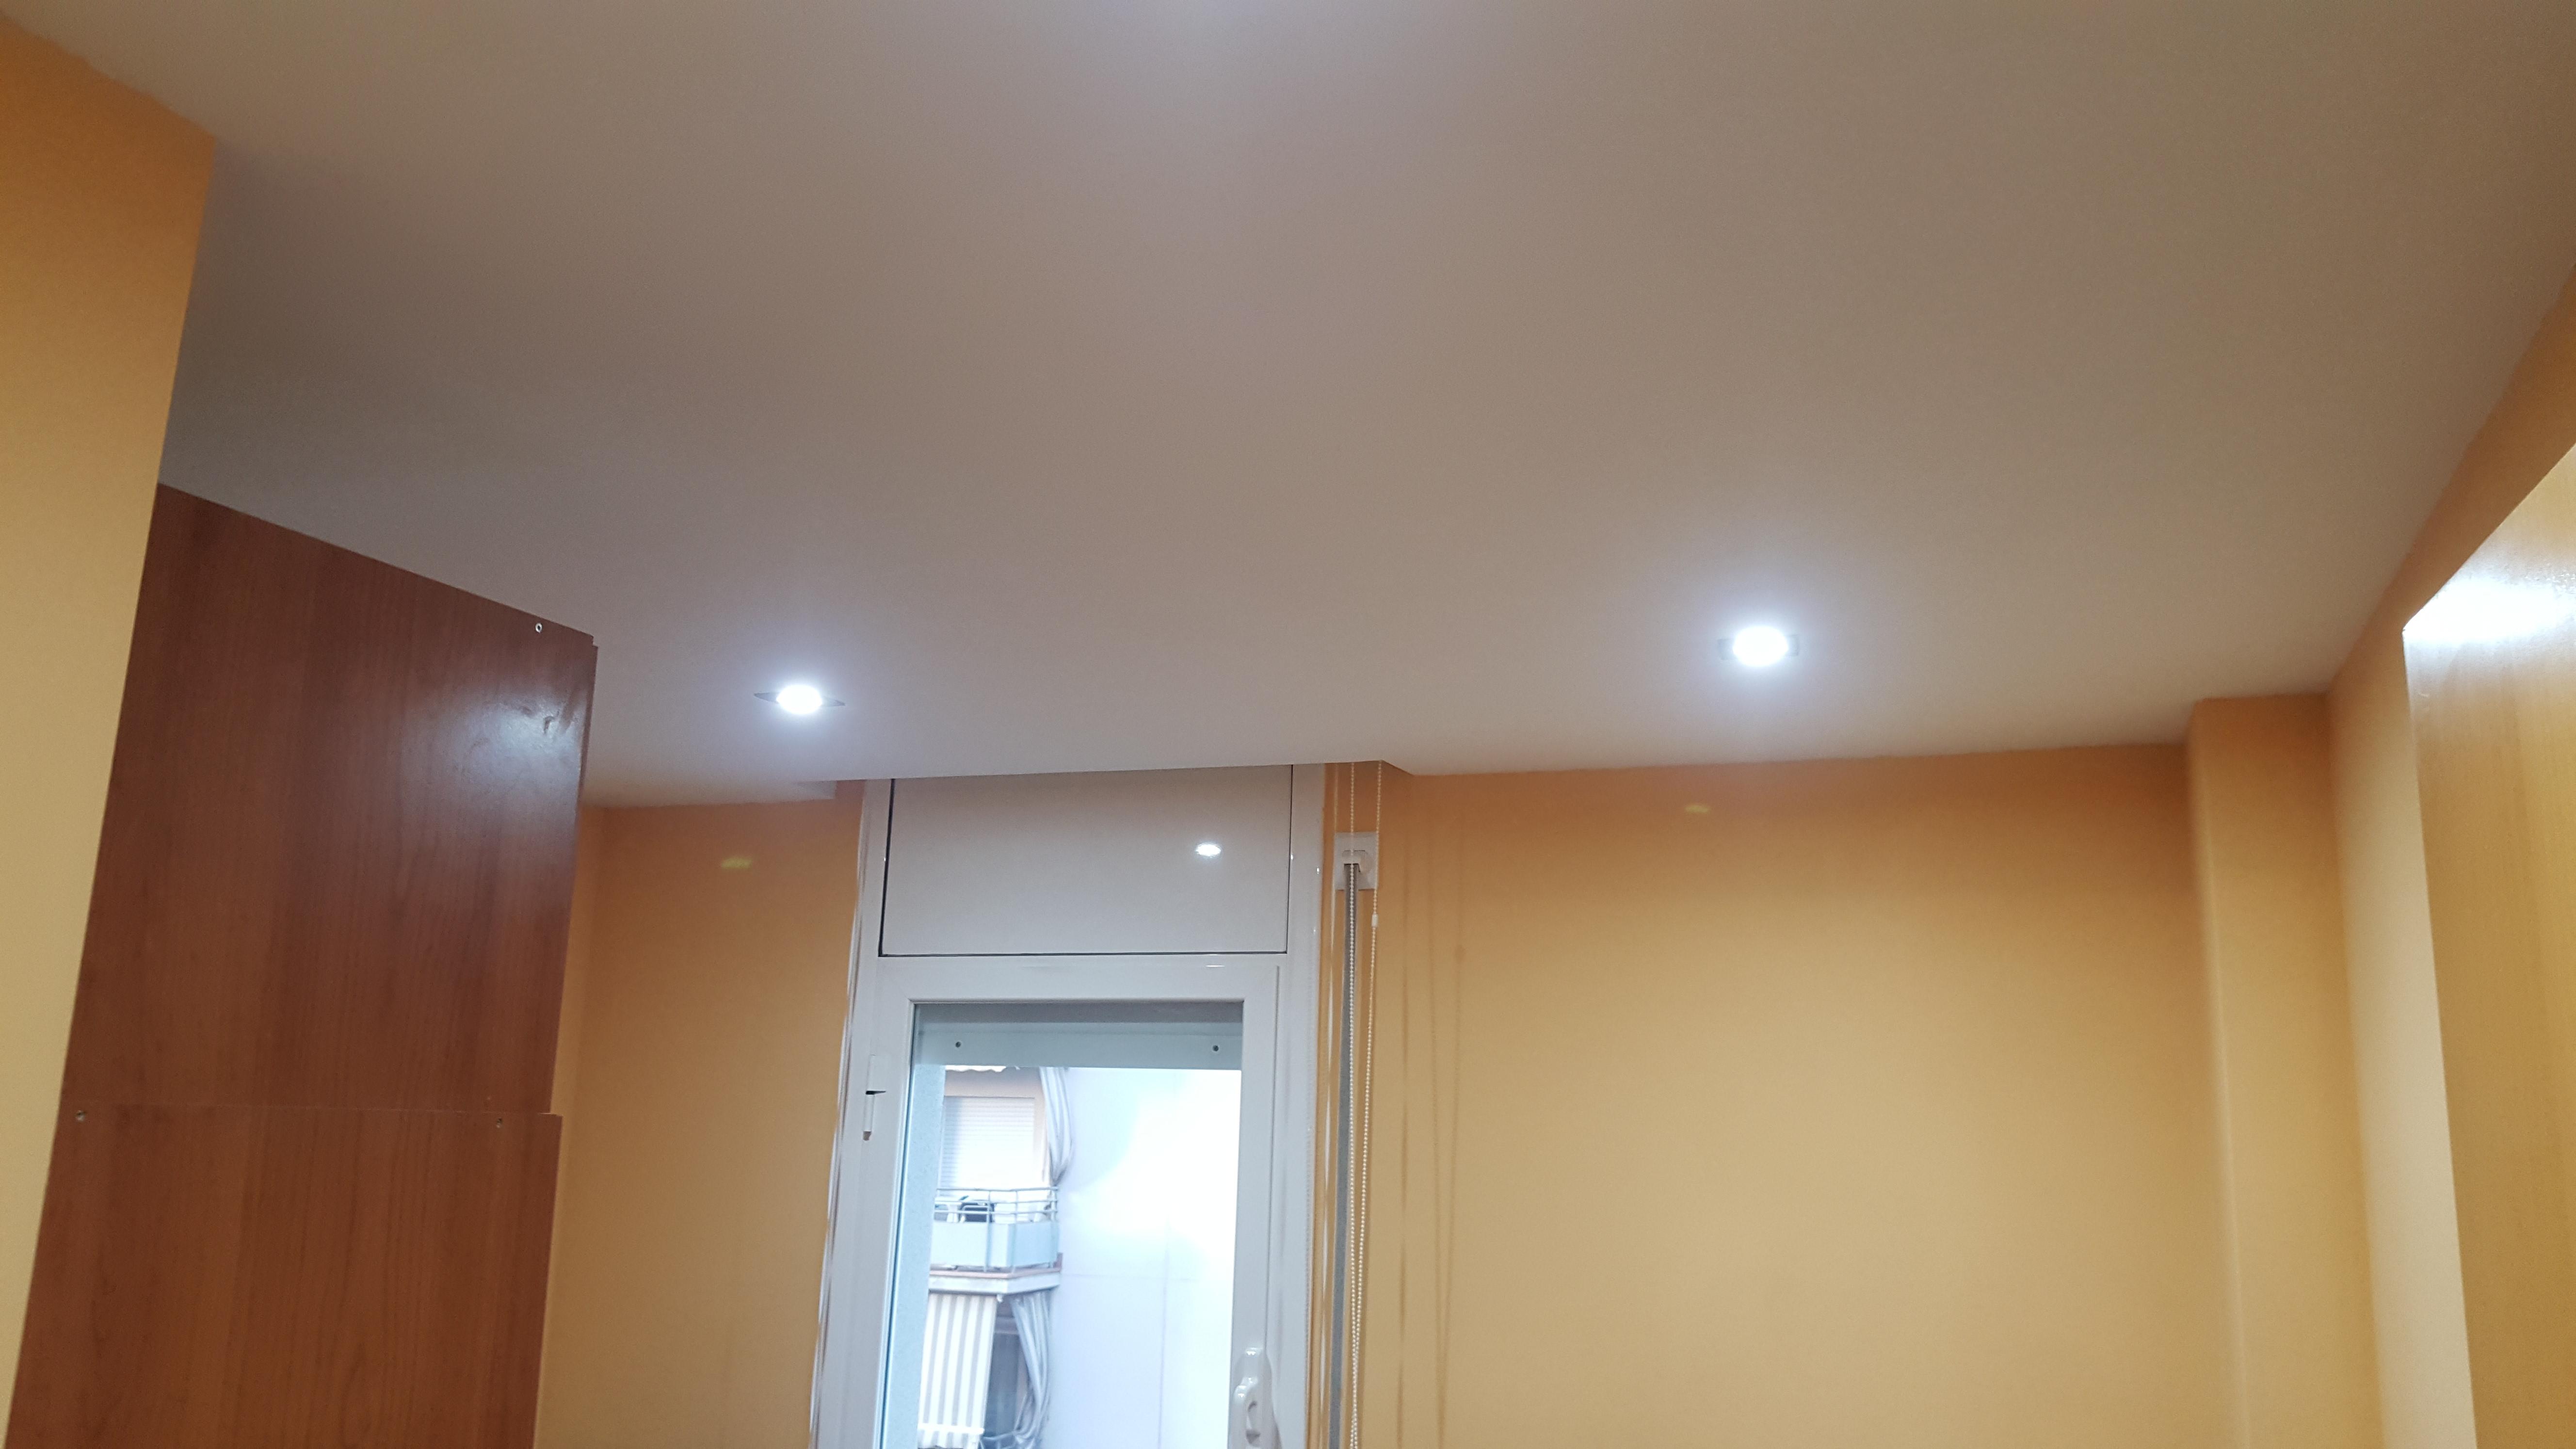 Aislamiento t rmico de techos con pladur y celulosa - Aislar paredes termicamente ...